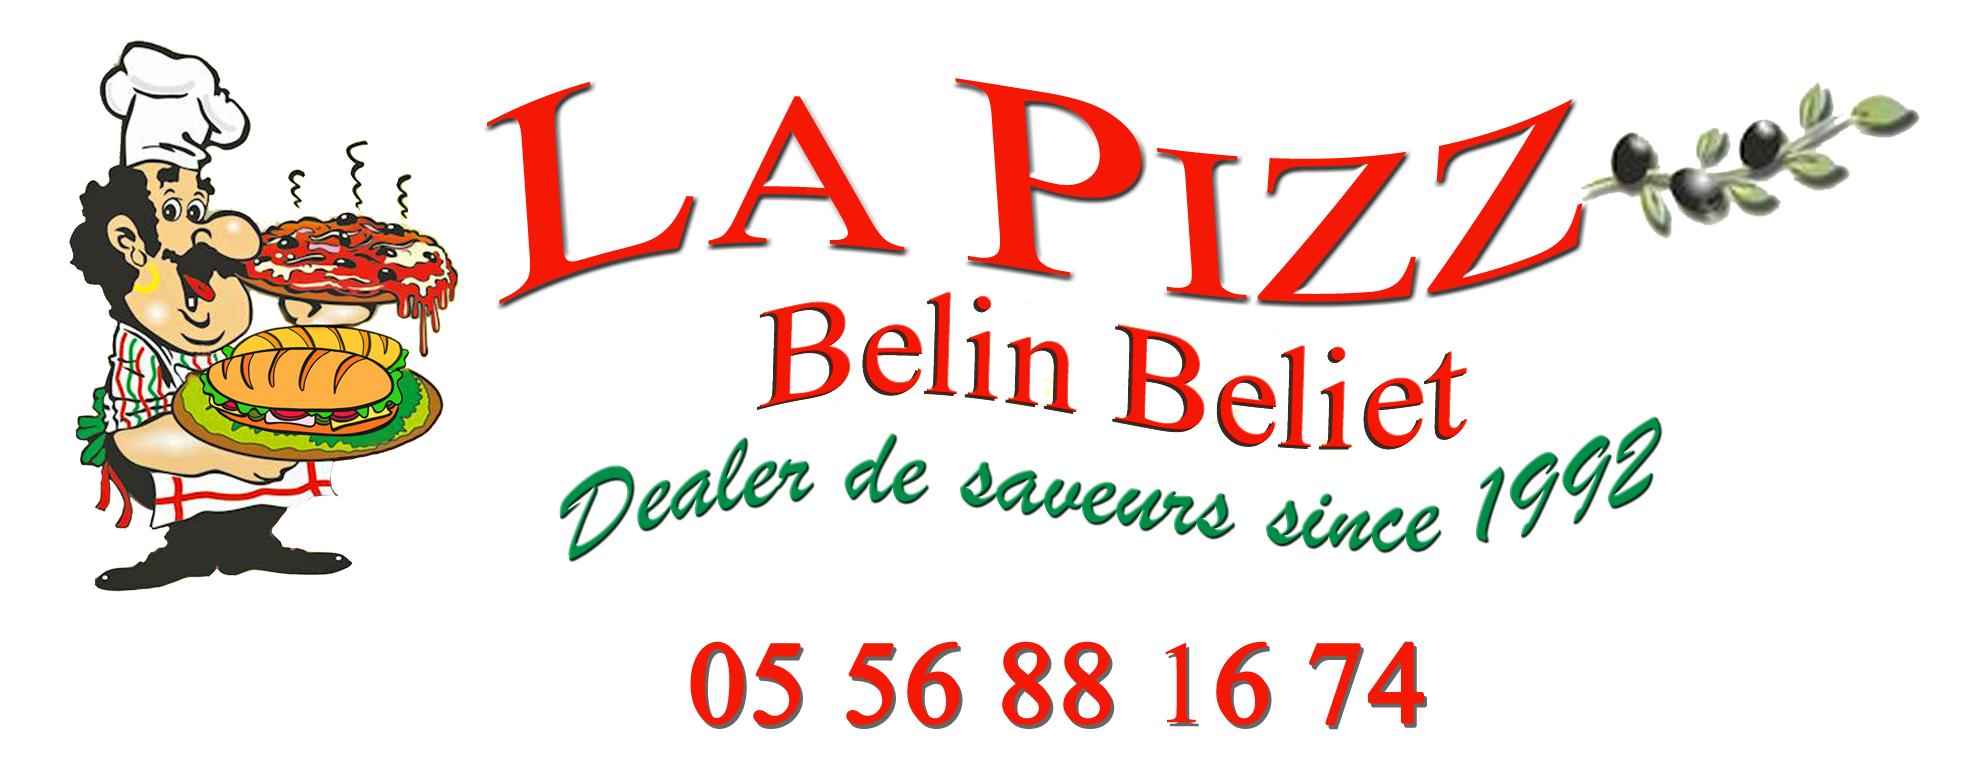 La pizz Belin Beliet